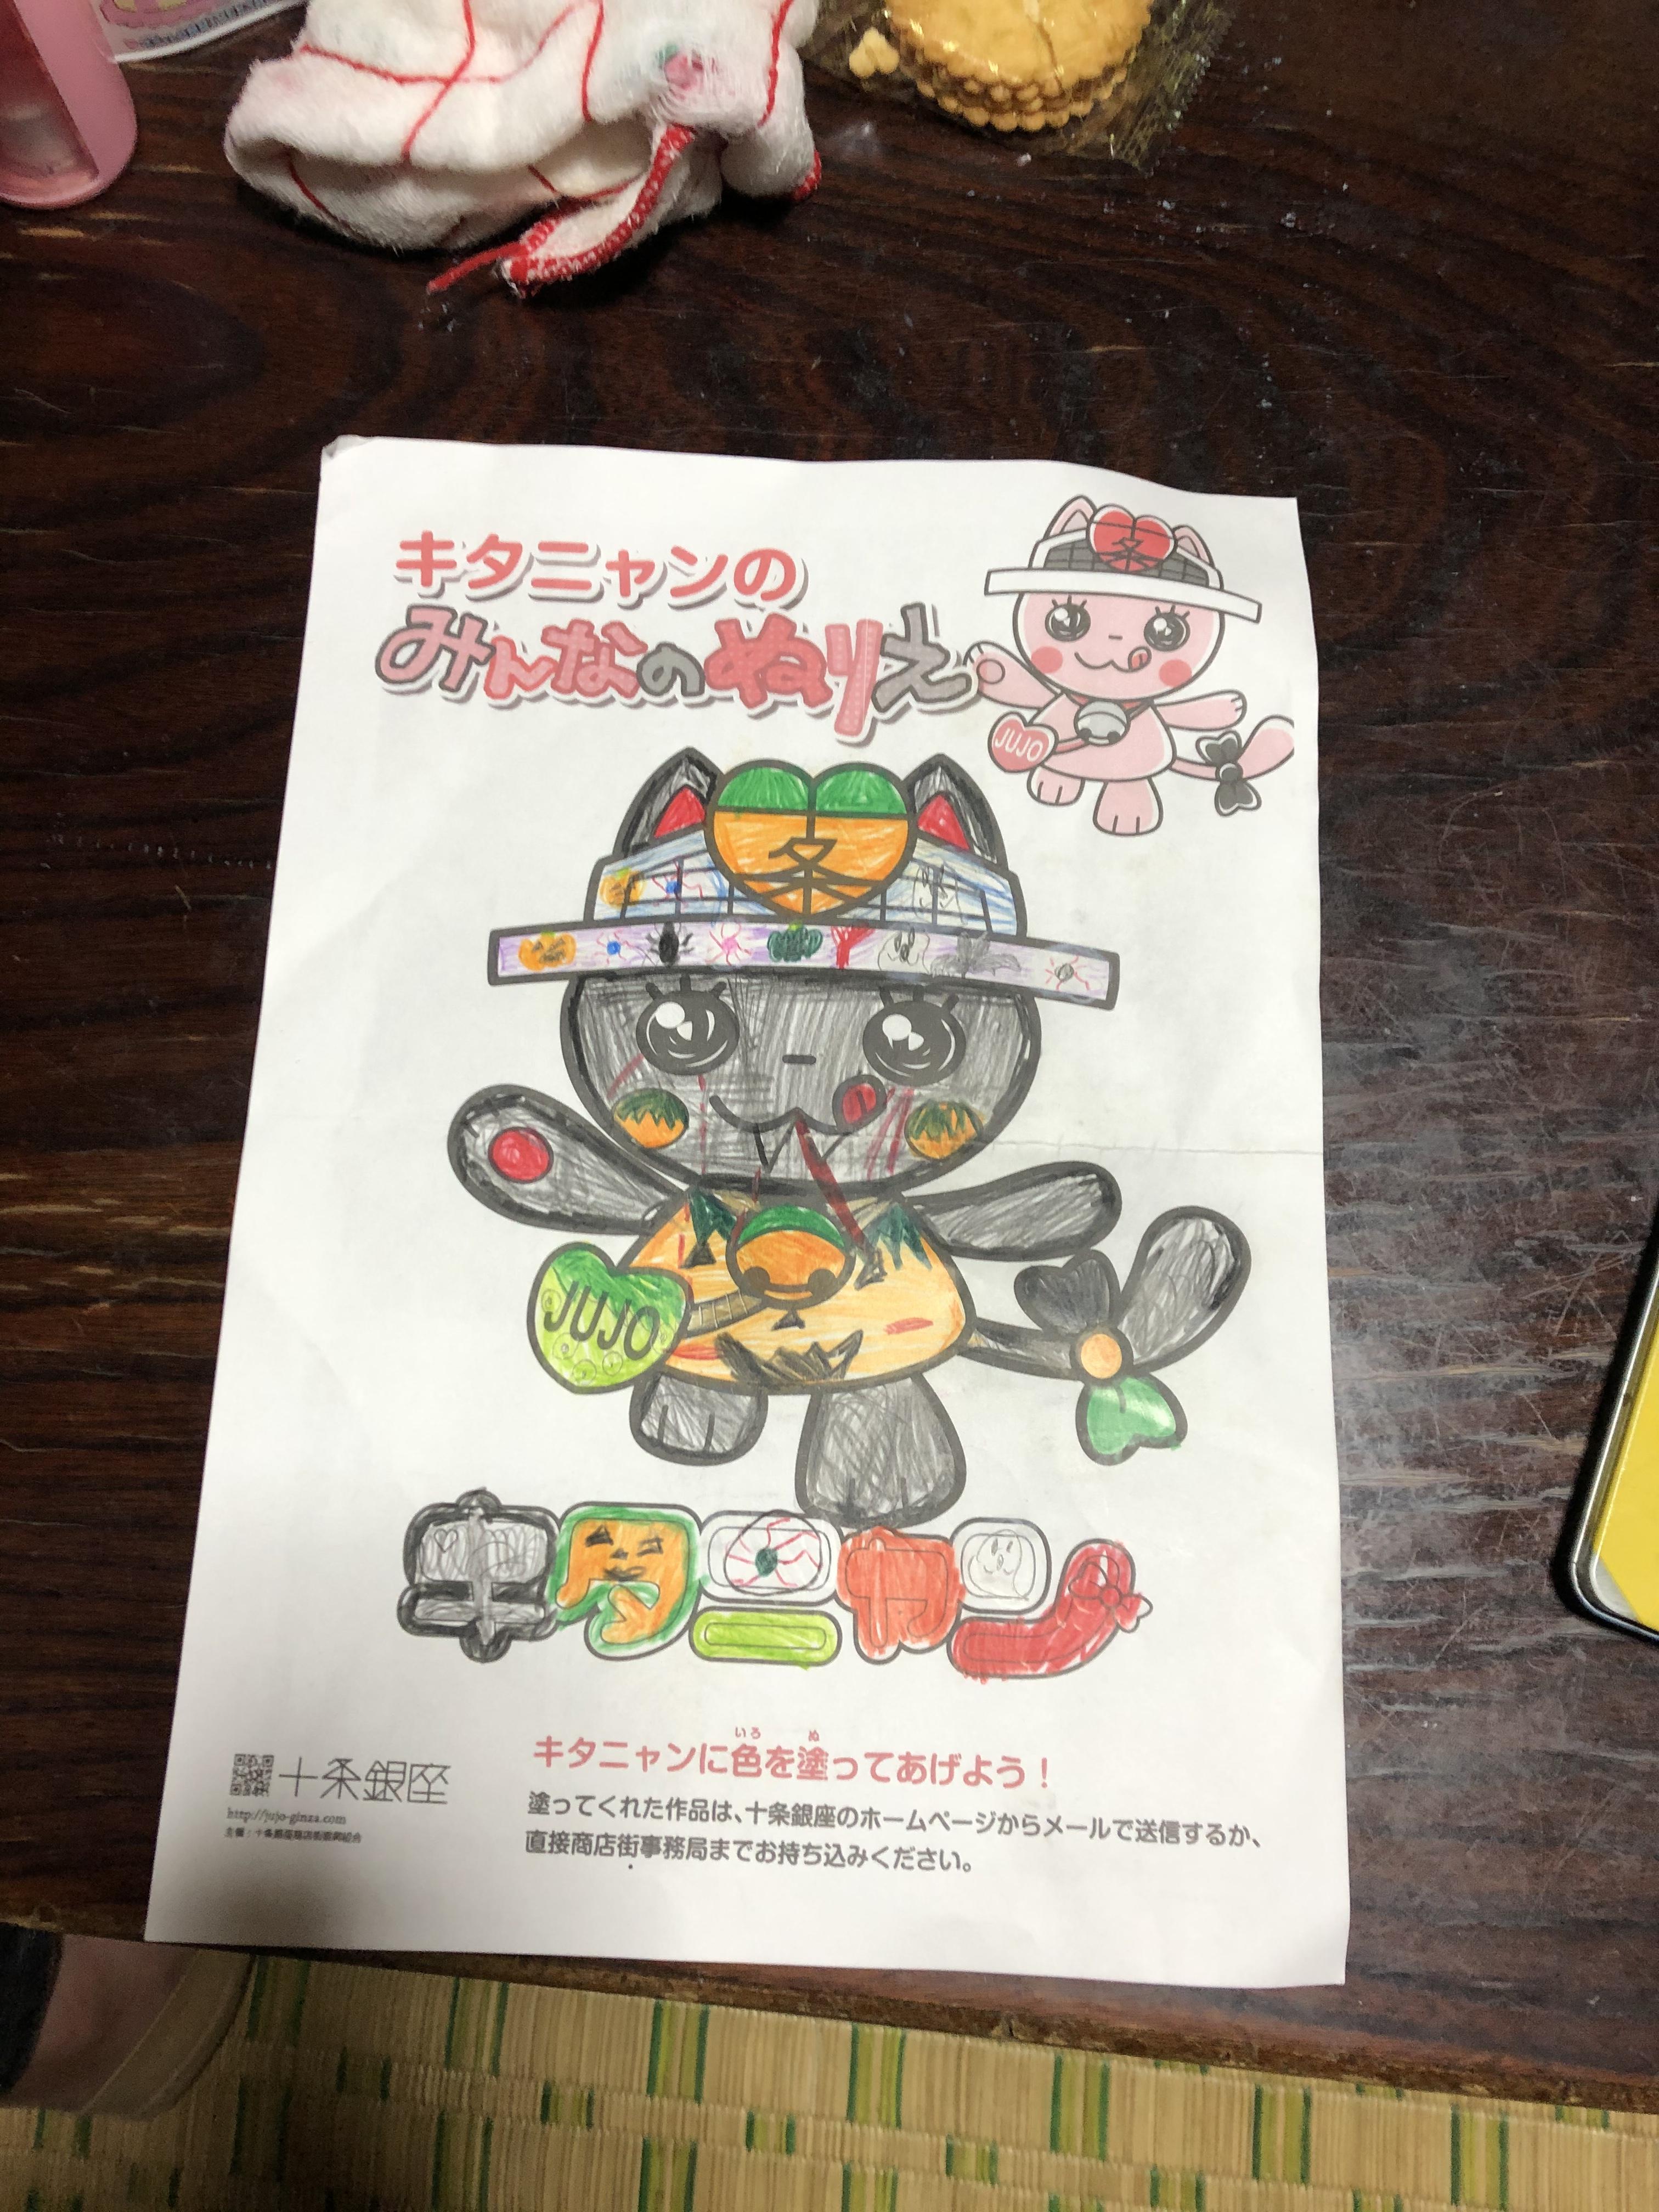 タイトル:ブラックキタにゃん れんちゃんさん(8才)